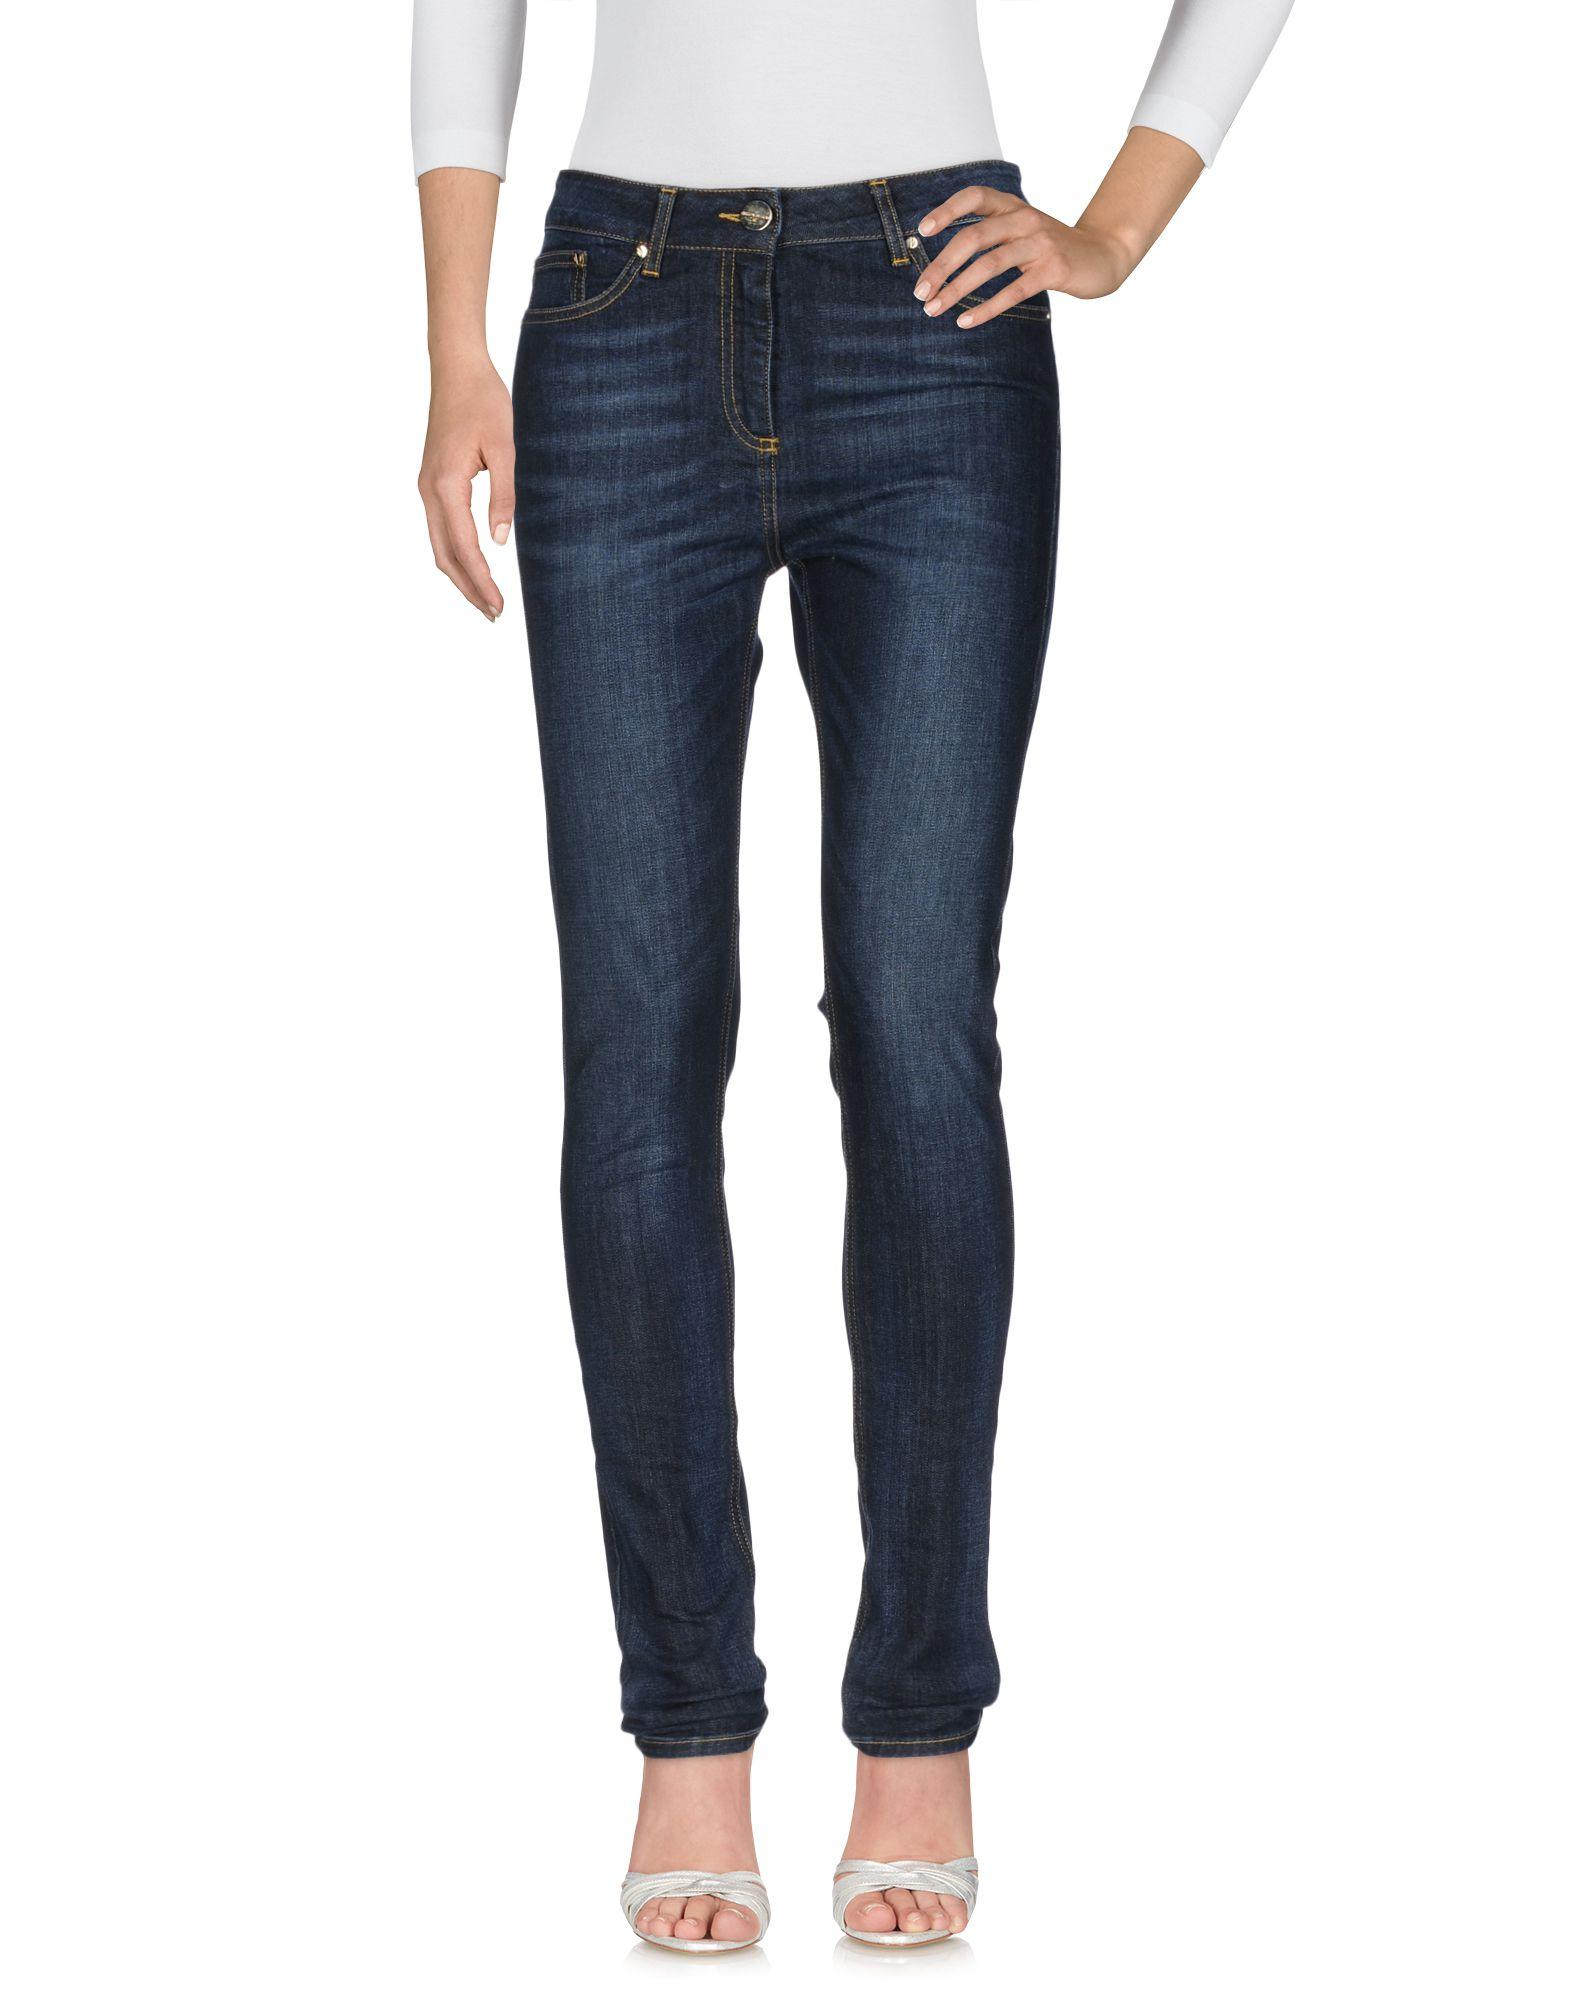 Pantaloni Jeans Elisabetta Franchi Jeans Donna - Acquista online su TdGptsQ